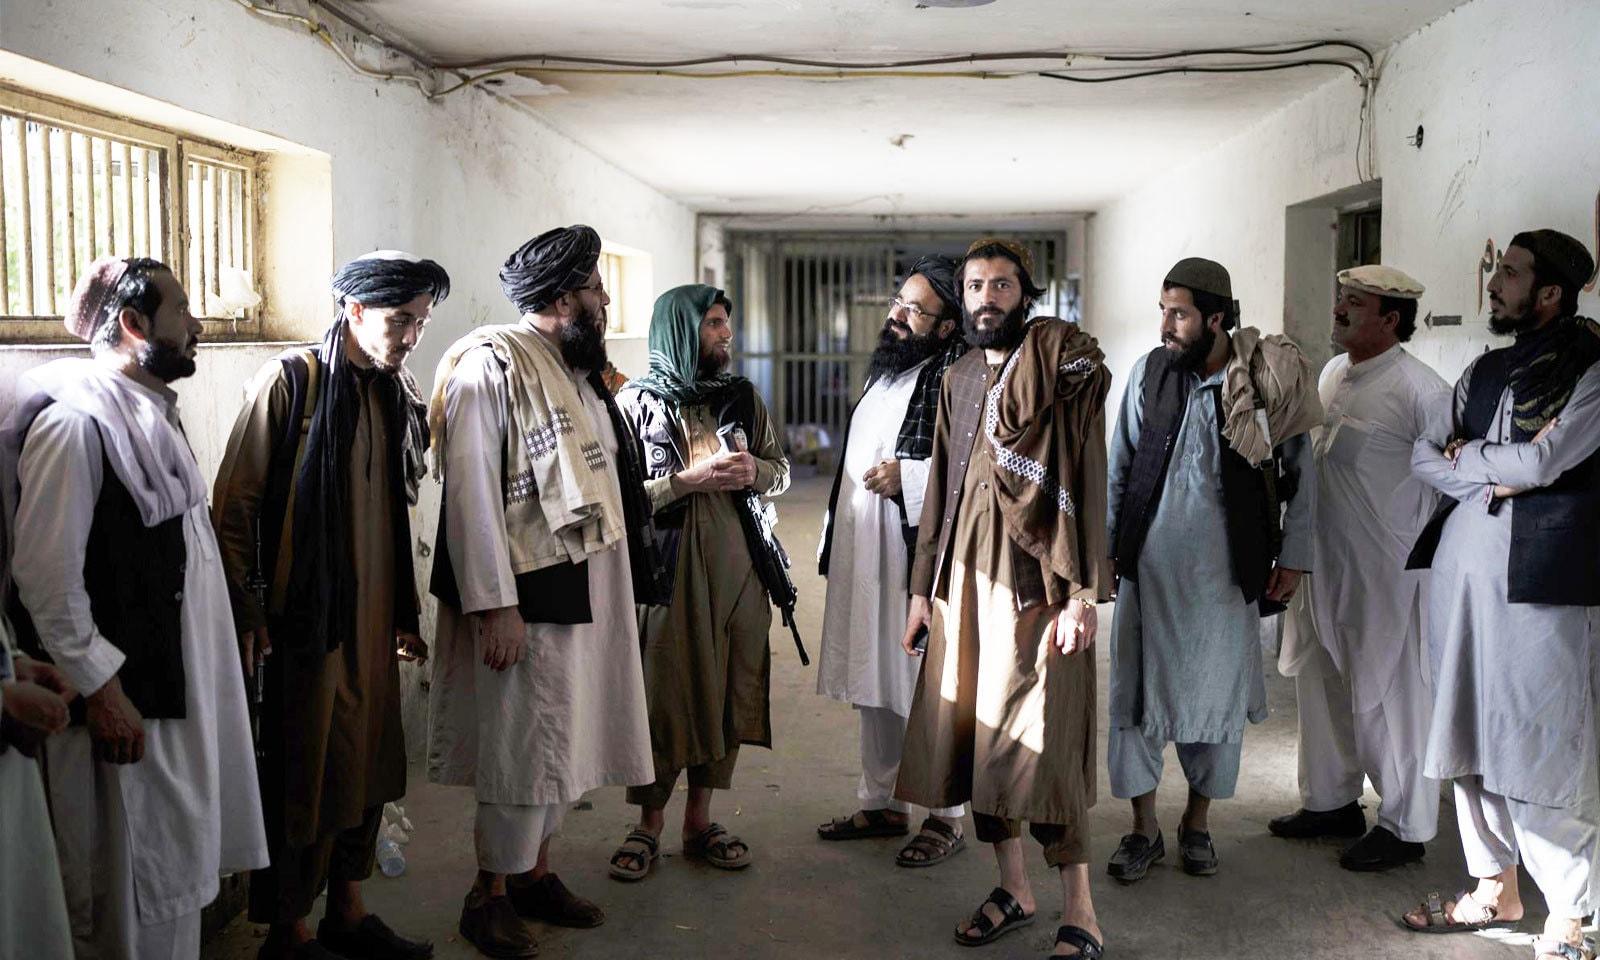 کابل کے پل چرخی جیل میں قید رہنے والے اب اسی جیل کے محافظ بن چکے — فوٹو: اے پی